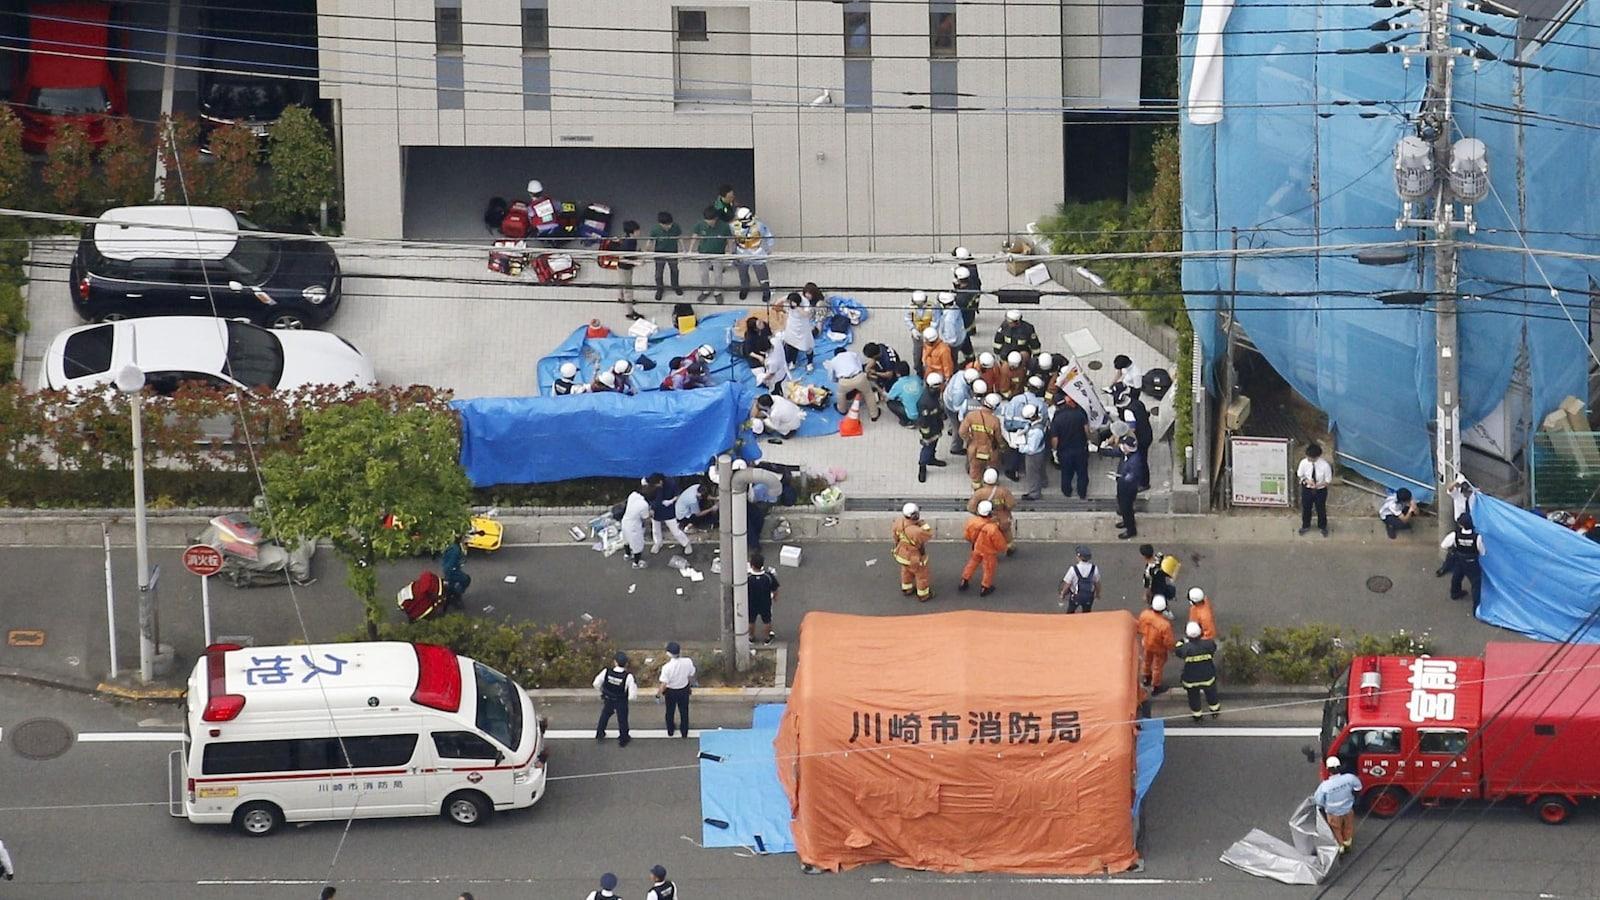 Des morts et des blessés dans une attaque à couteau — Japon